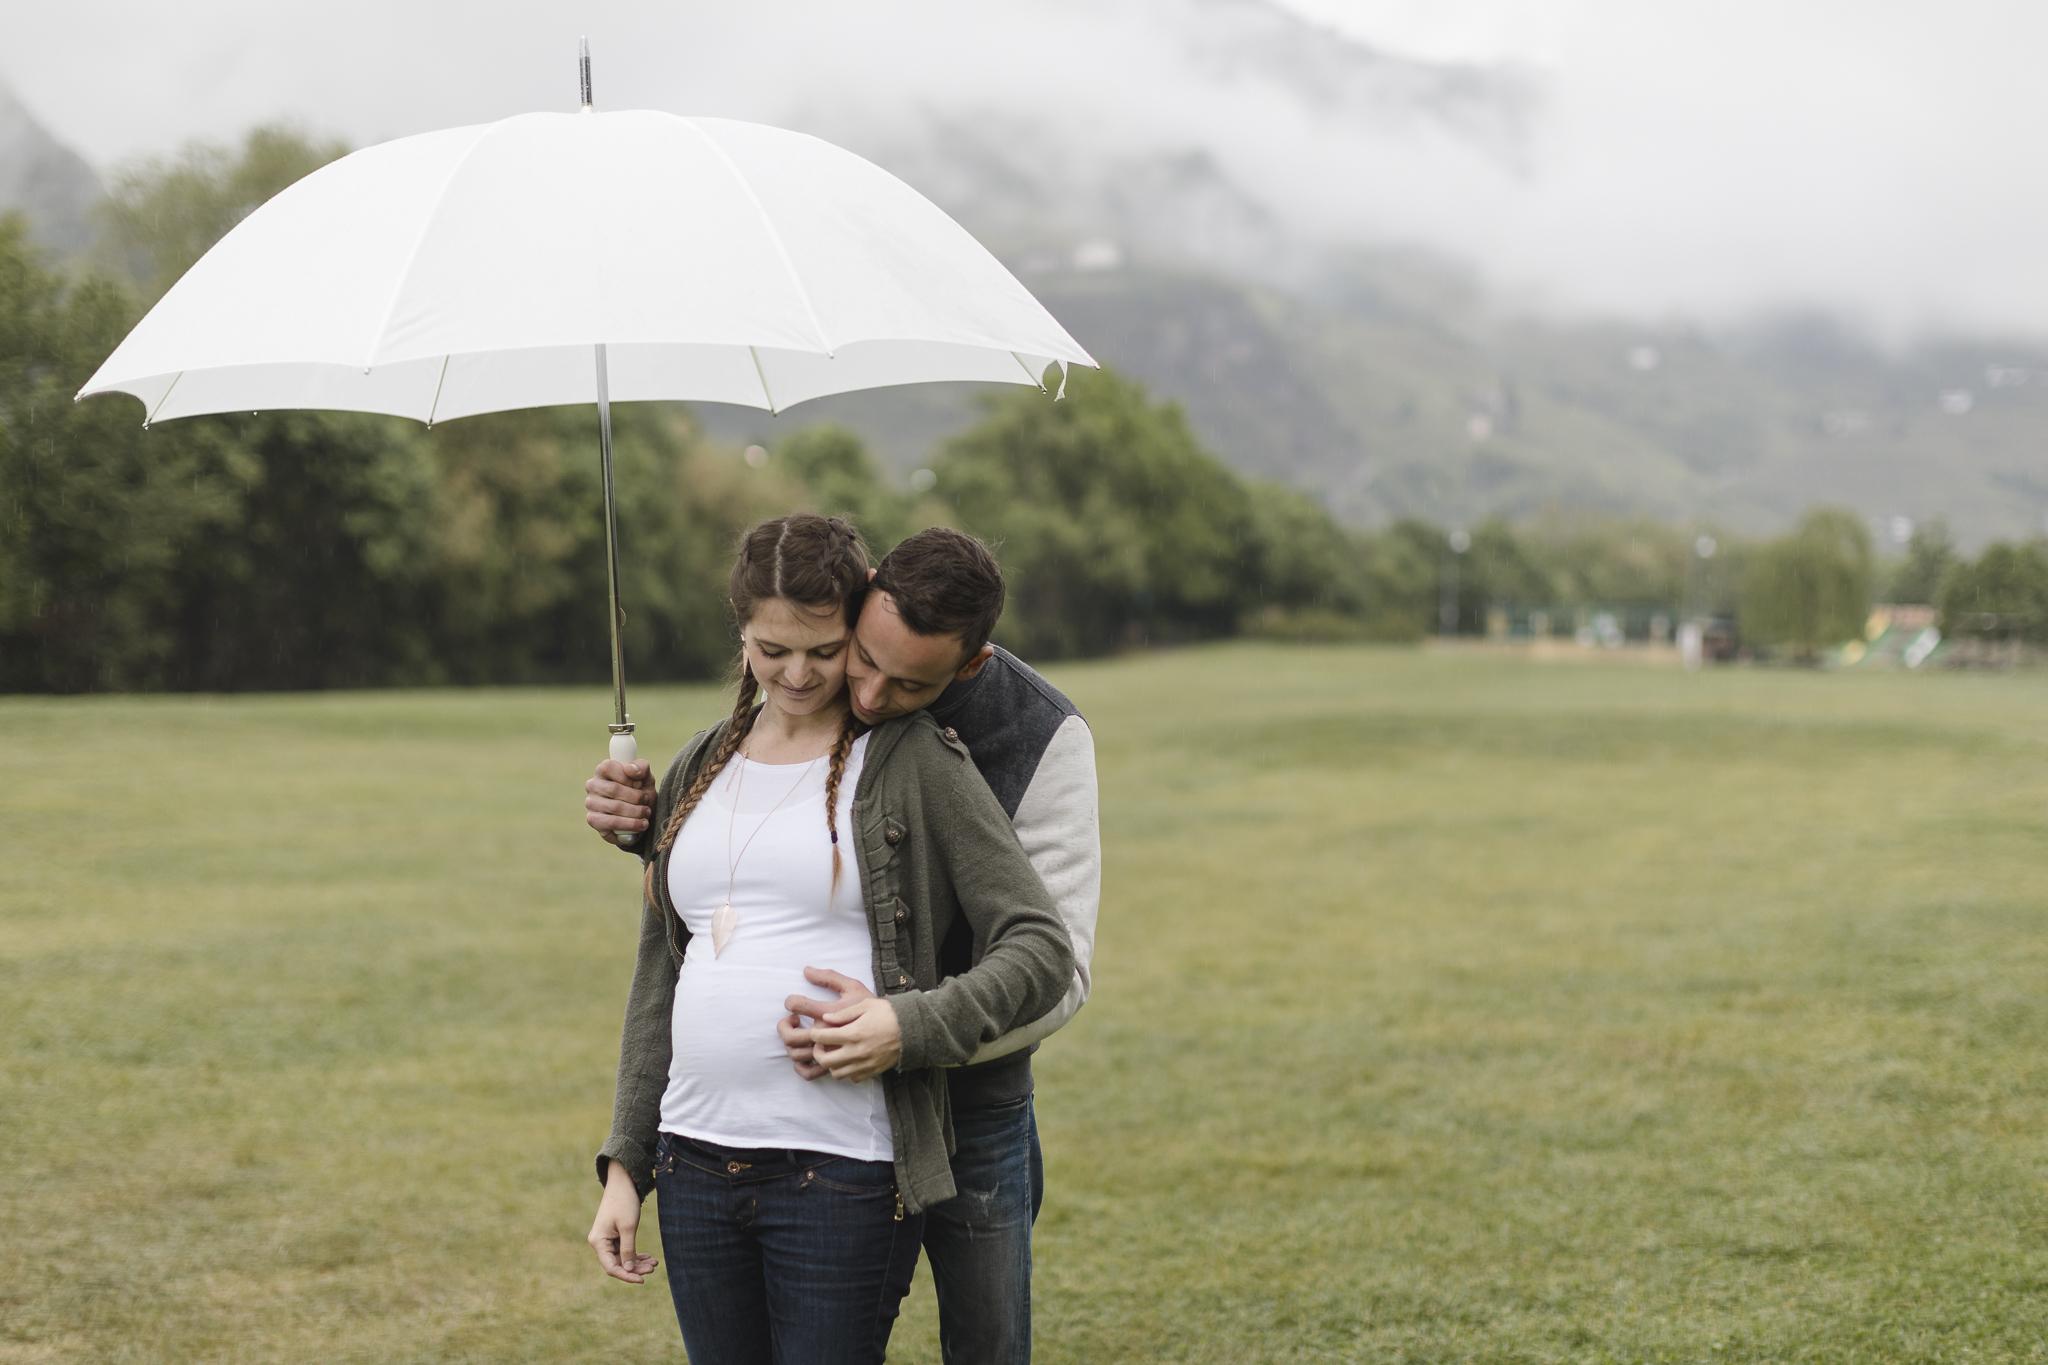 Fotoreise nach Südtirol - Paar steht unter einem großen Regenschirm